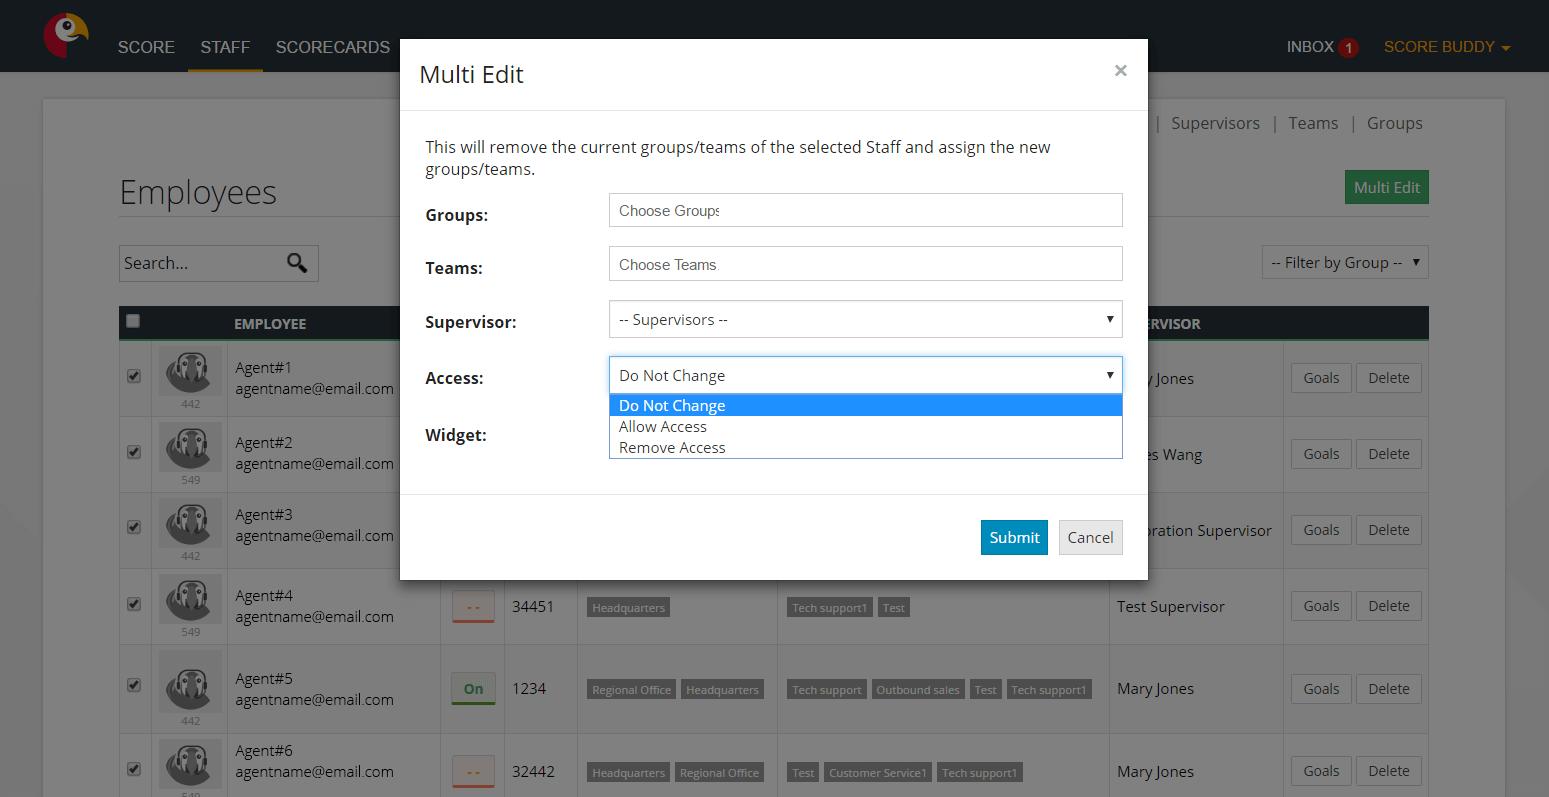 Multi edit feature